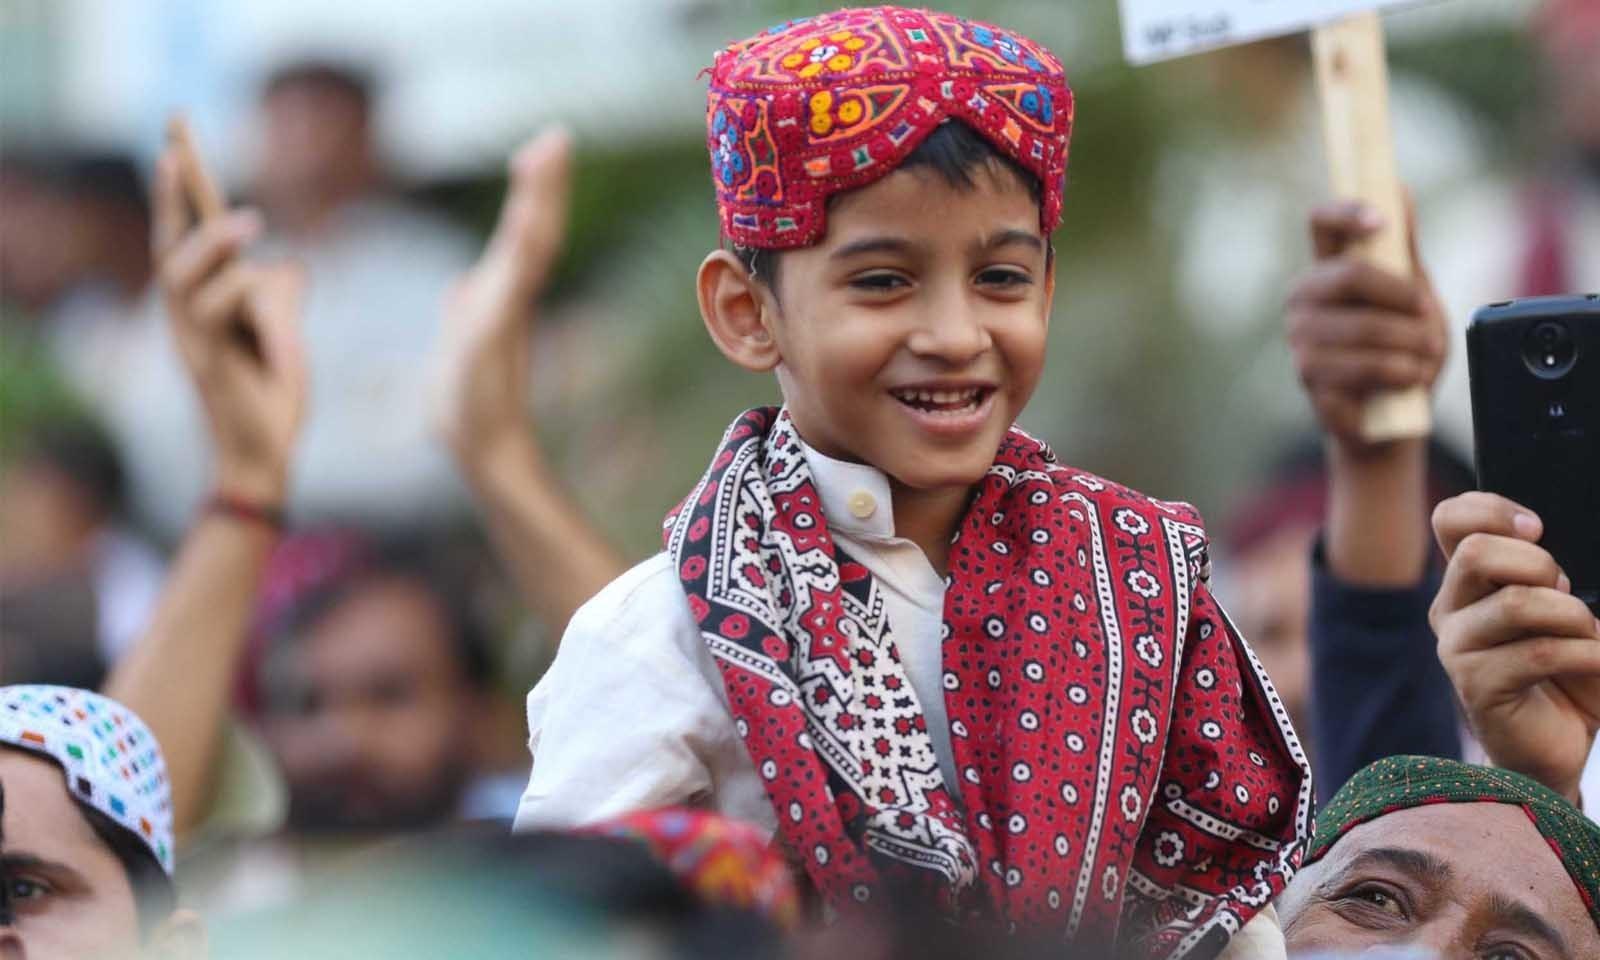 اس دن کو منانے کی روایت نے سندھ کی دم توڑتی ثقافت میں نئی روح پھونک دی ہے—فوٹو: وقاص علی